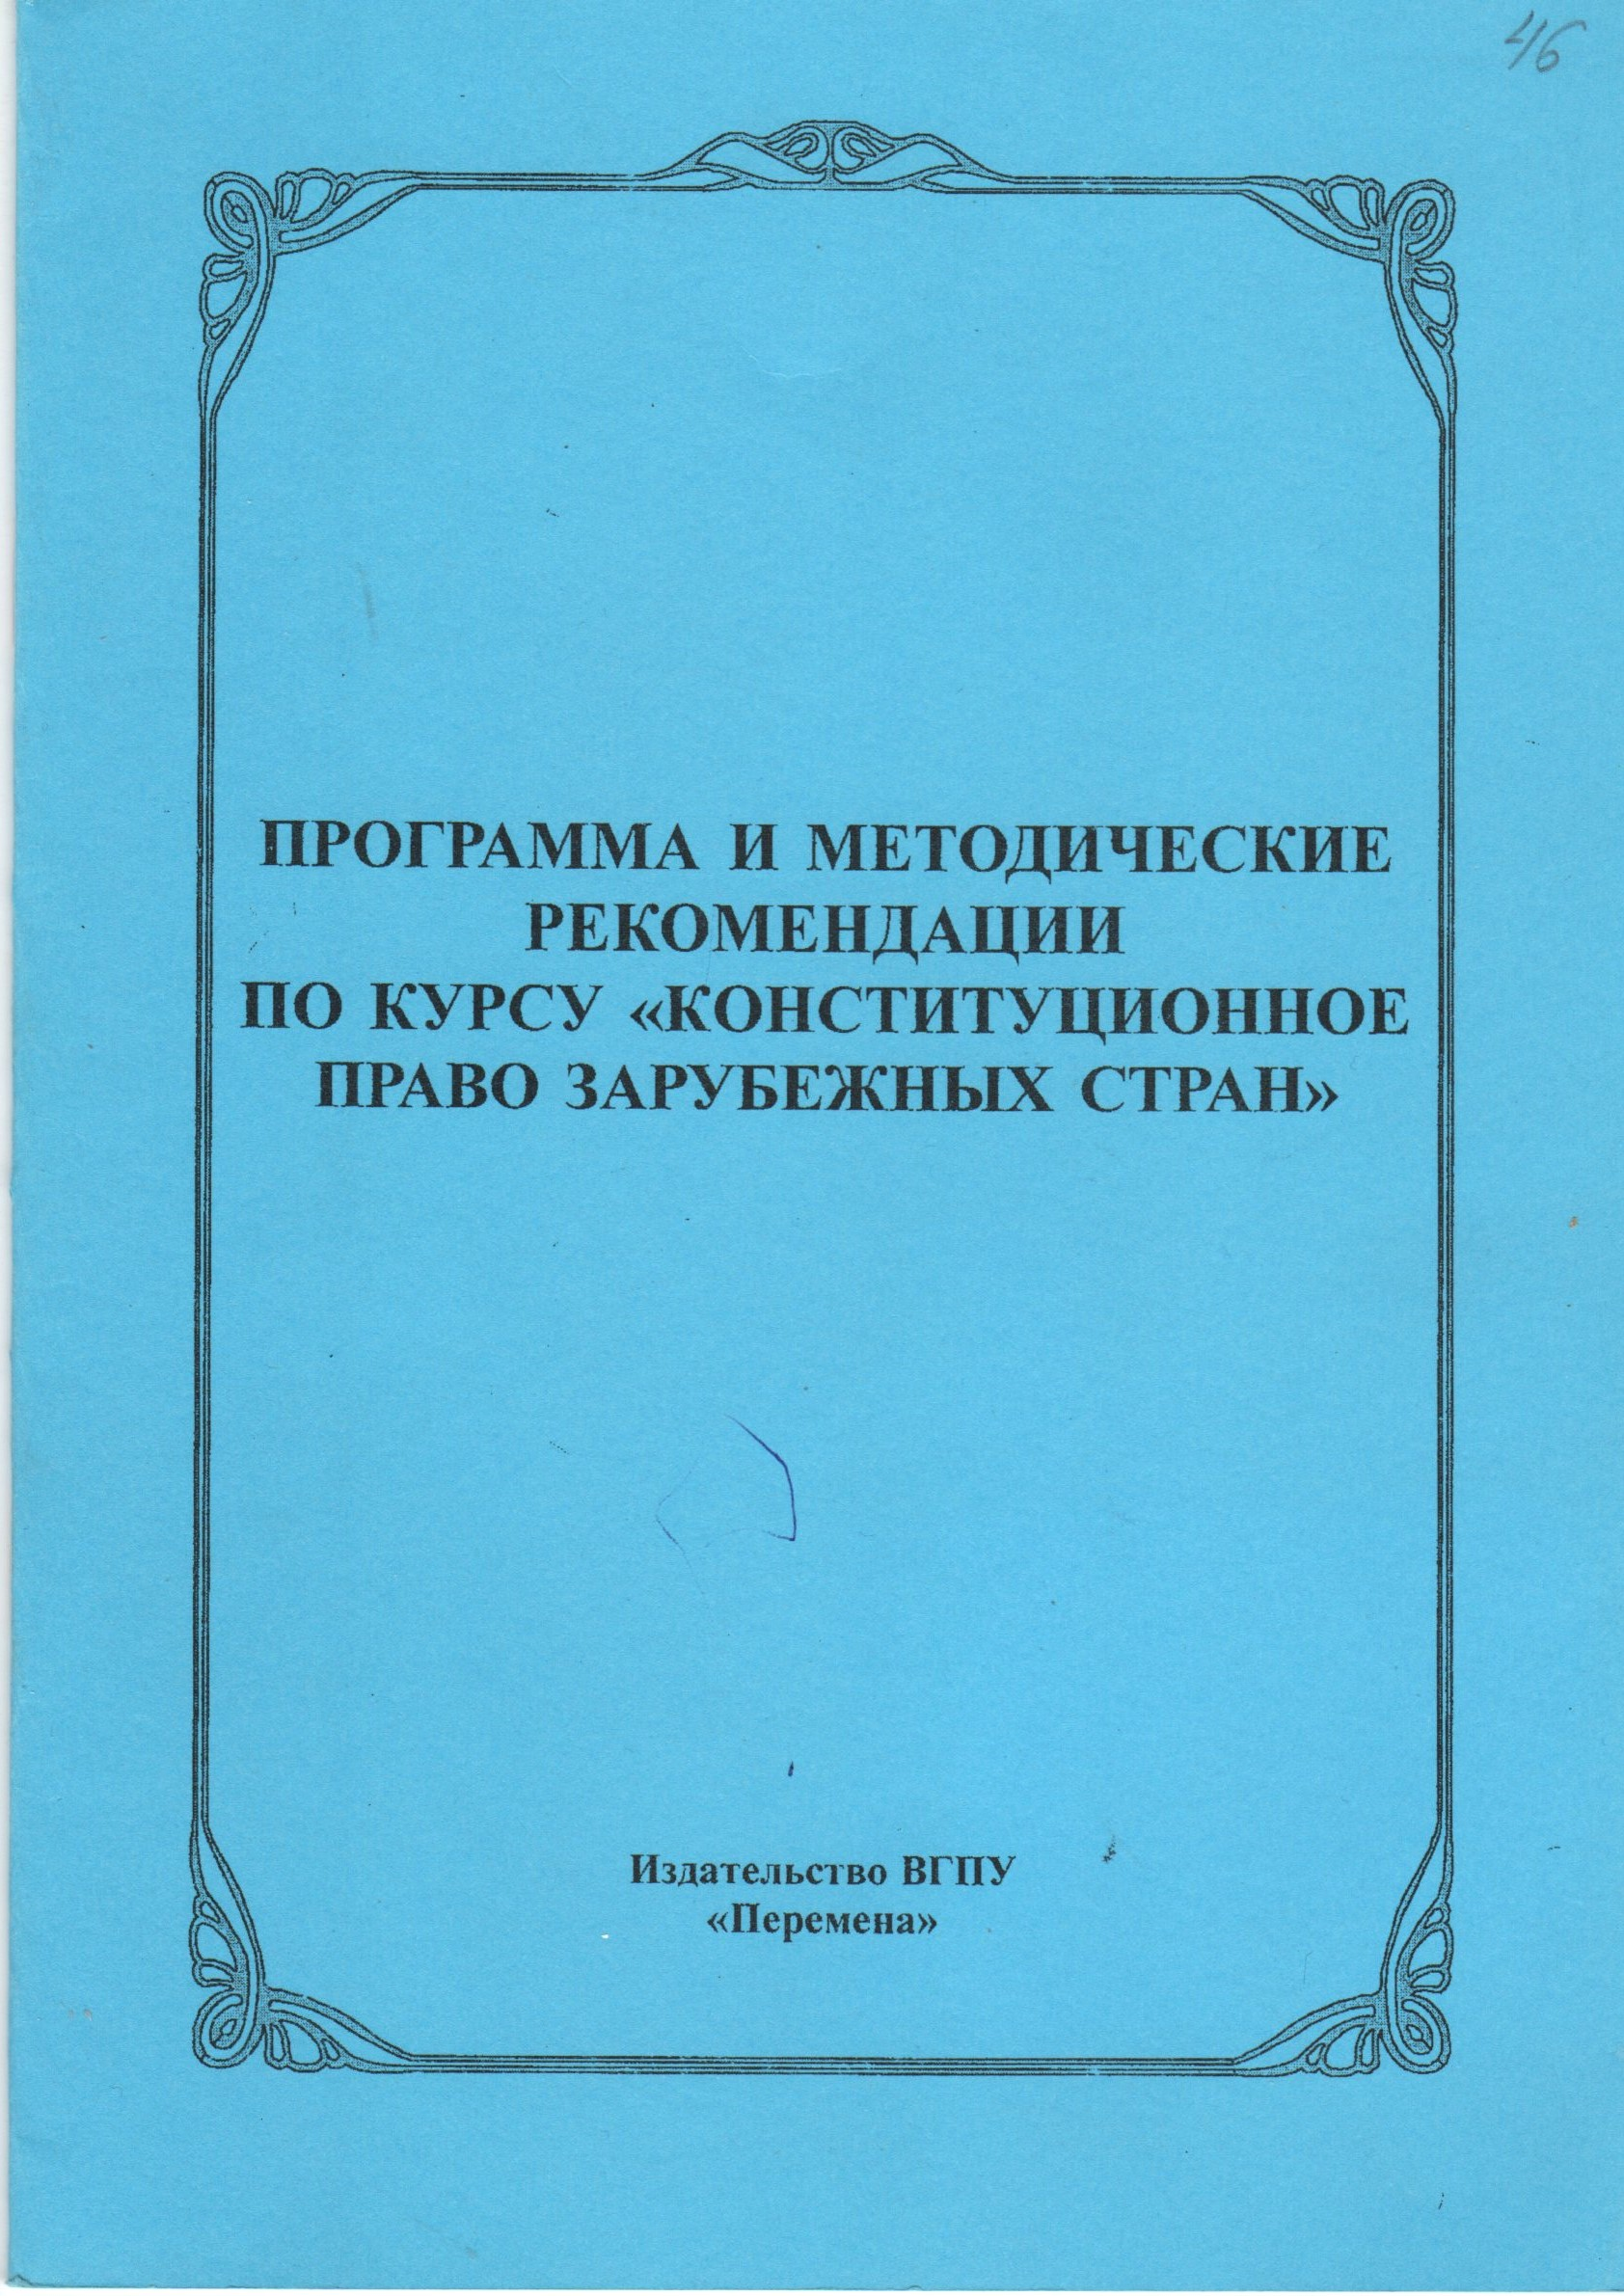 Конституционное право зарубежных стран схемы